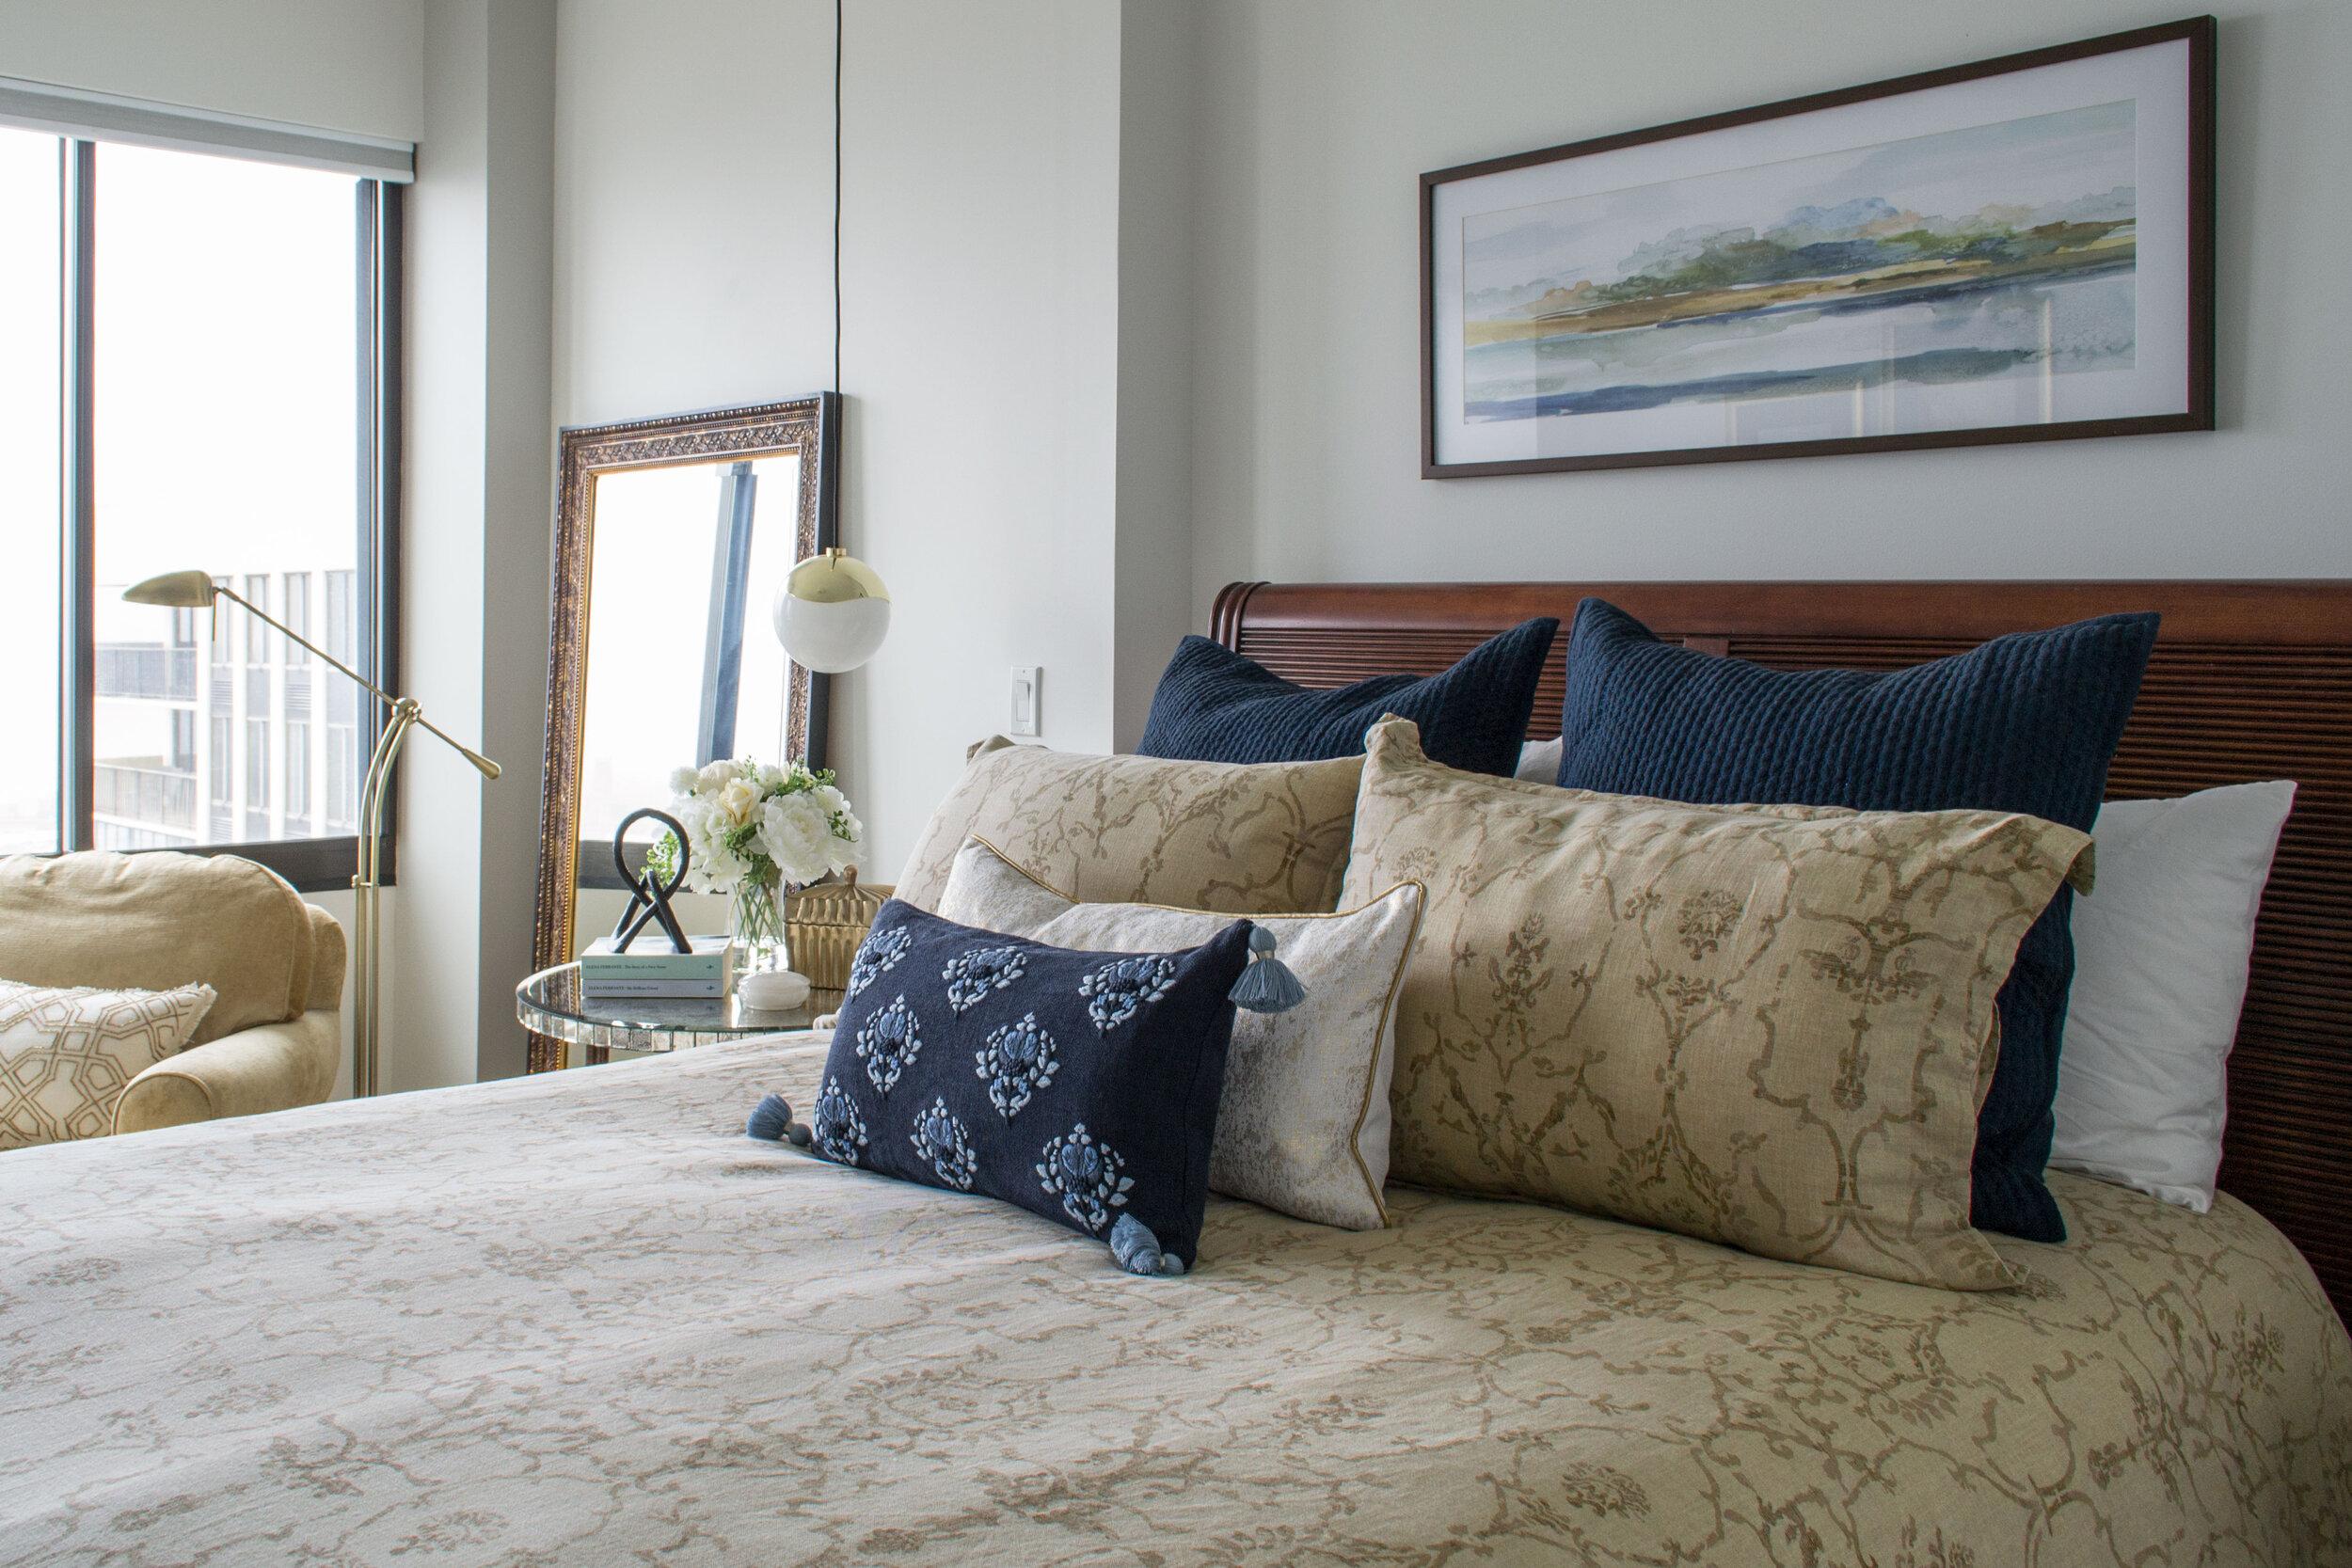 bedroom-navy-gold-tc-interiors-2.jpg